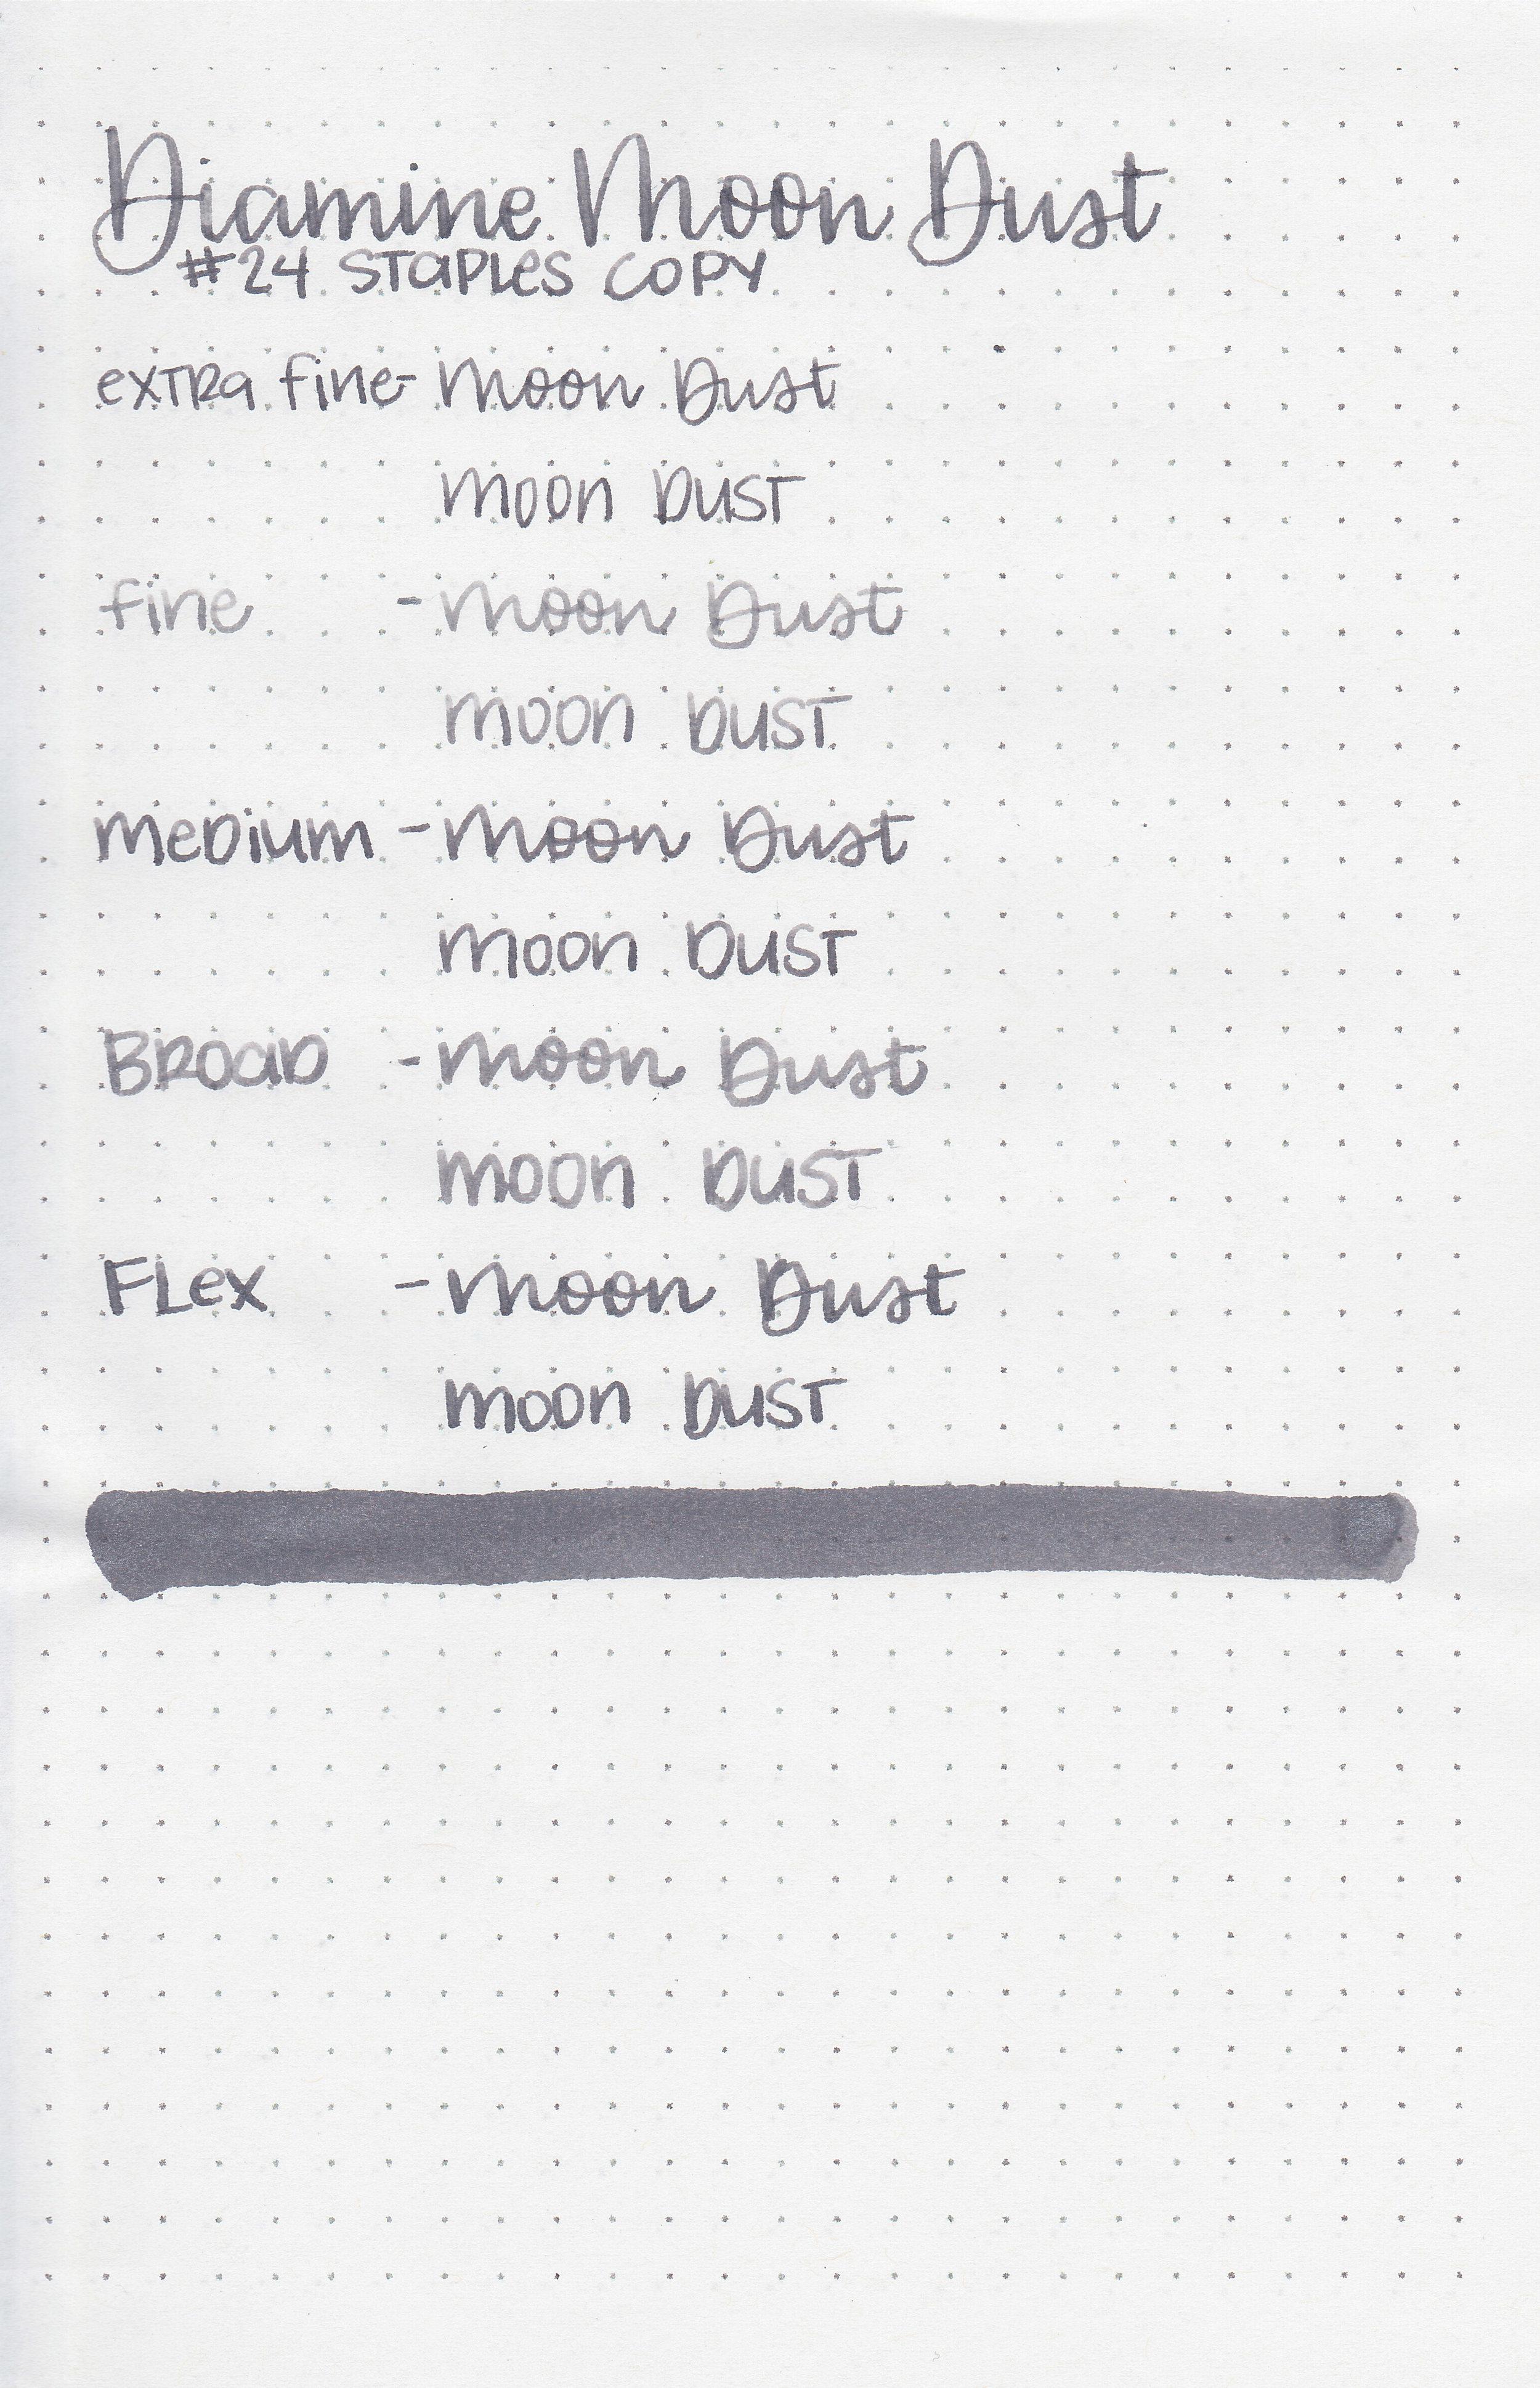 d-moon-dust-11.jpg